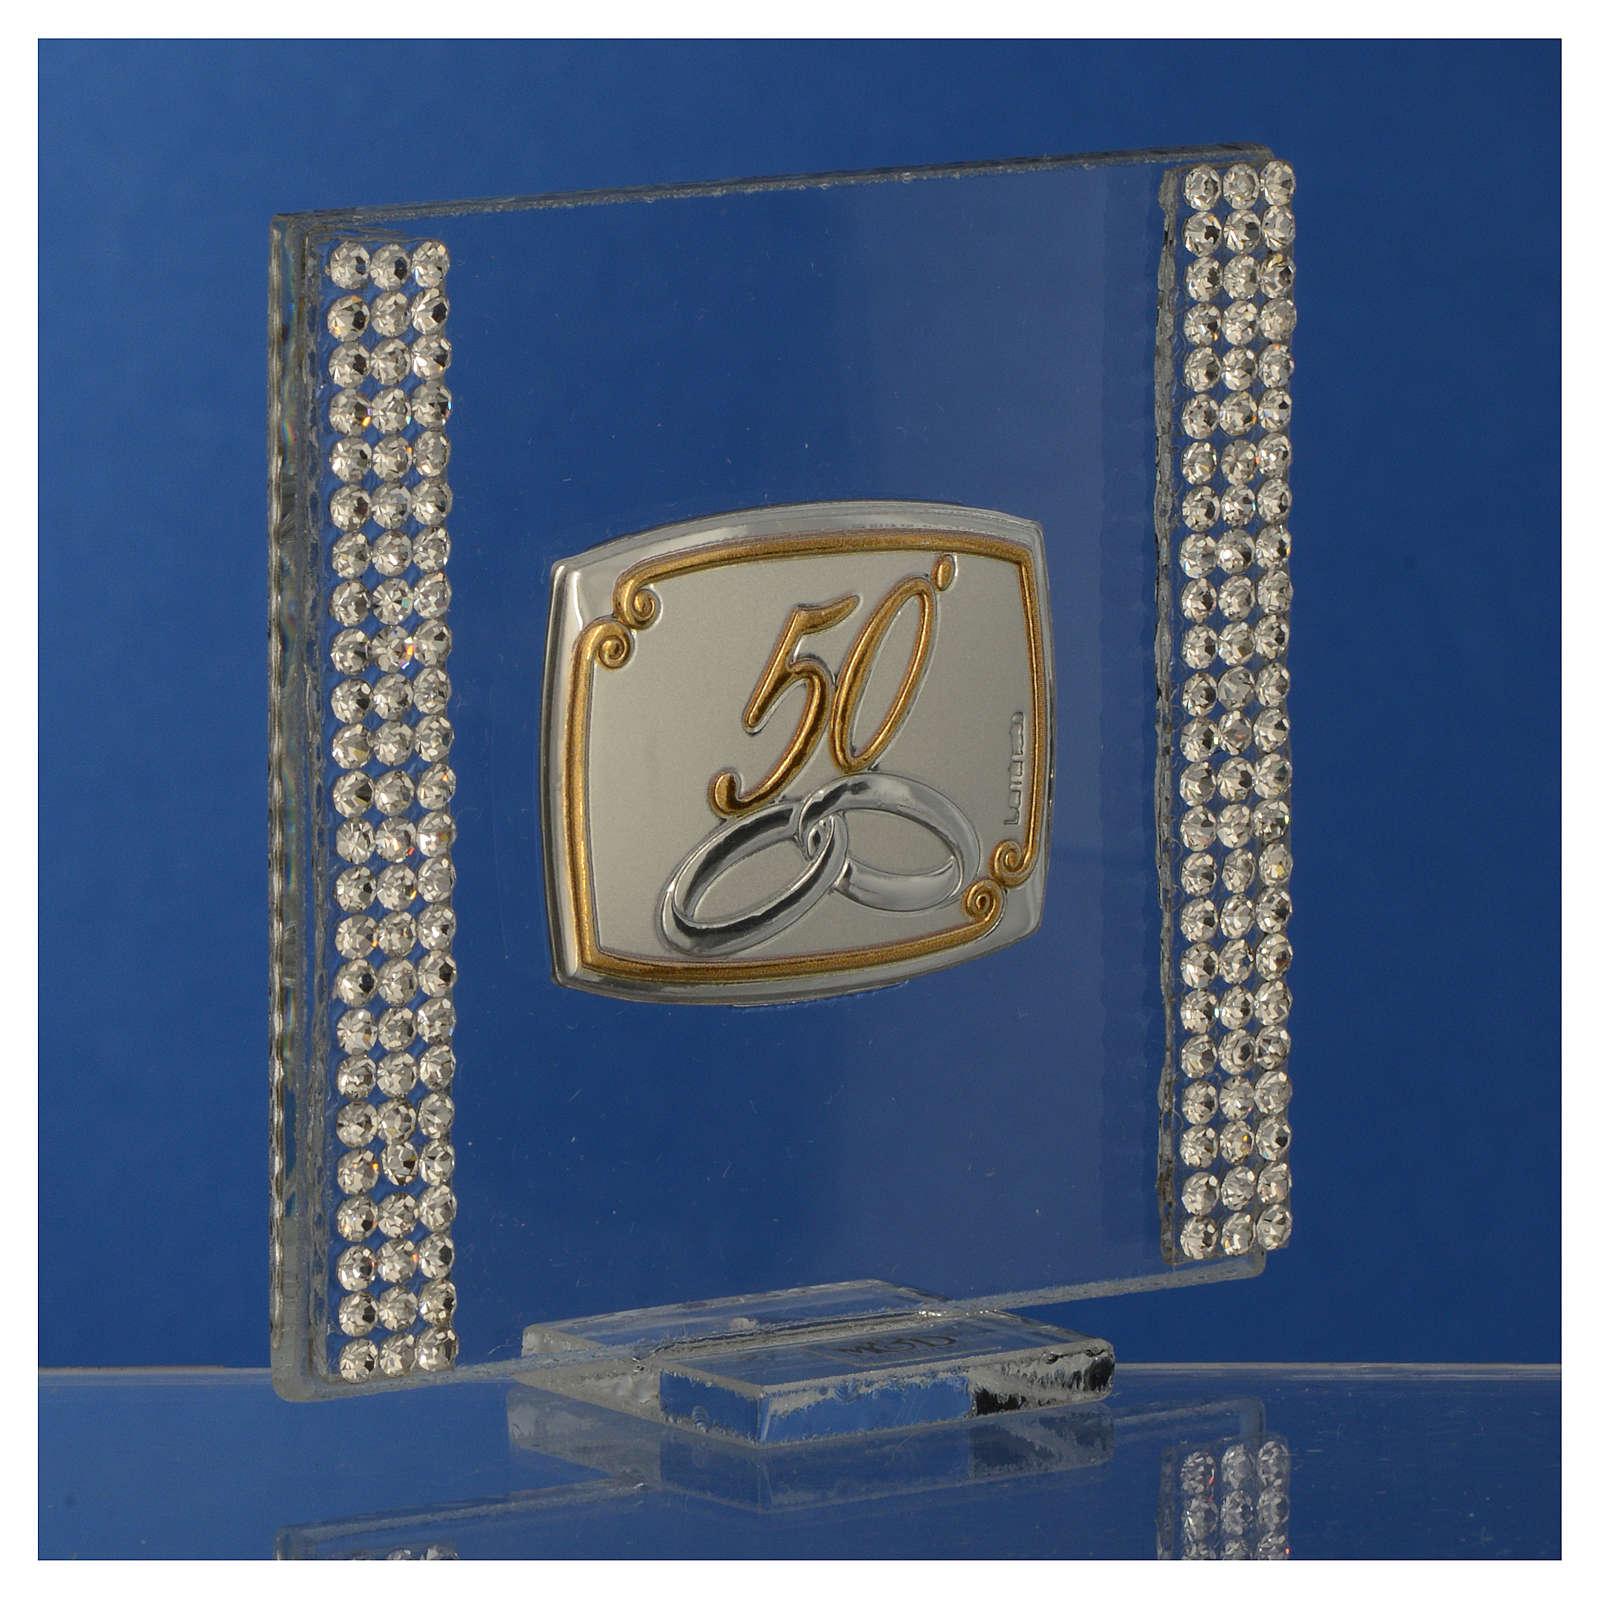 Pamiątka Rocznica 50 lat małżeństwa obrazek srebrny brokat 7x7cm 3